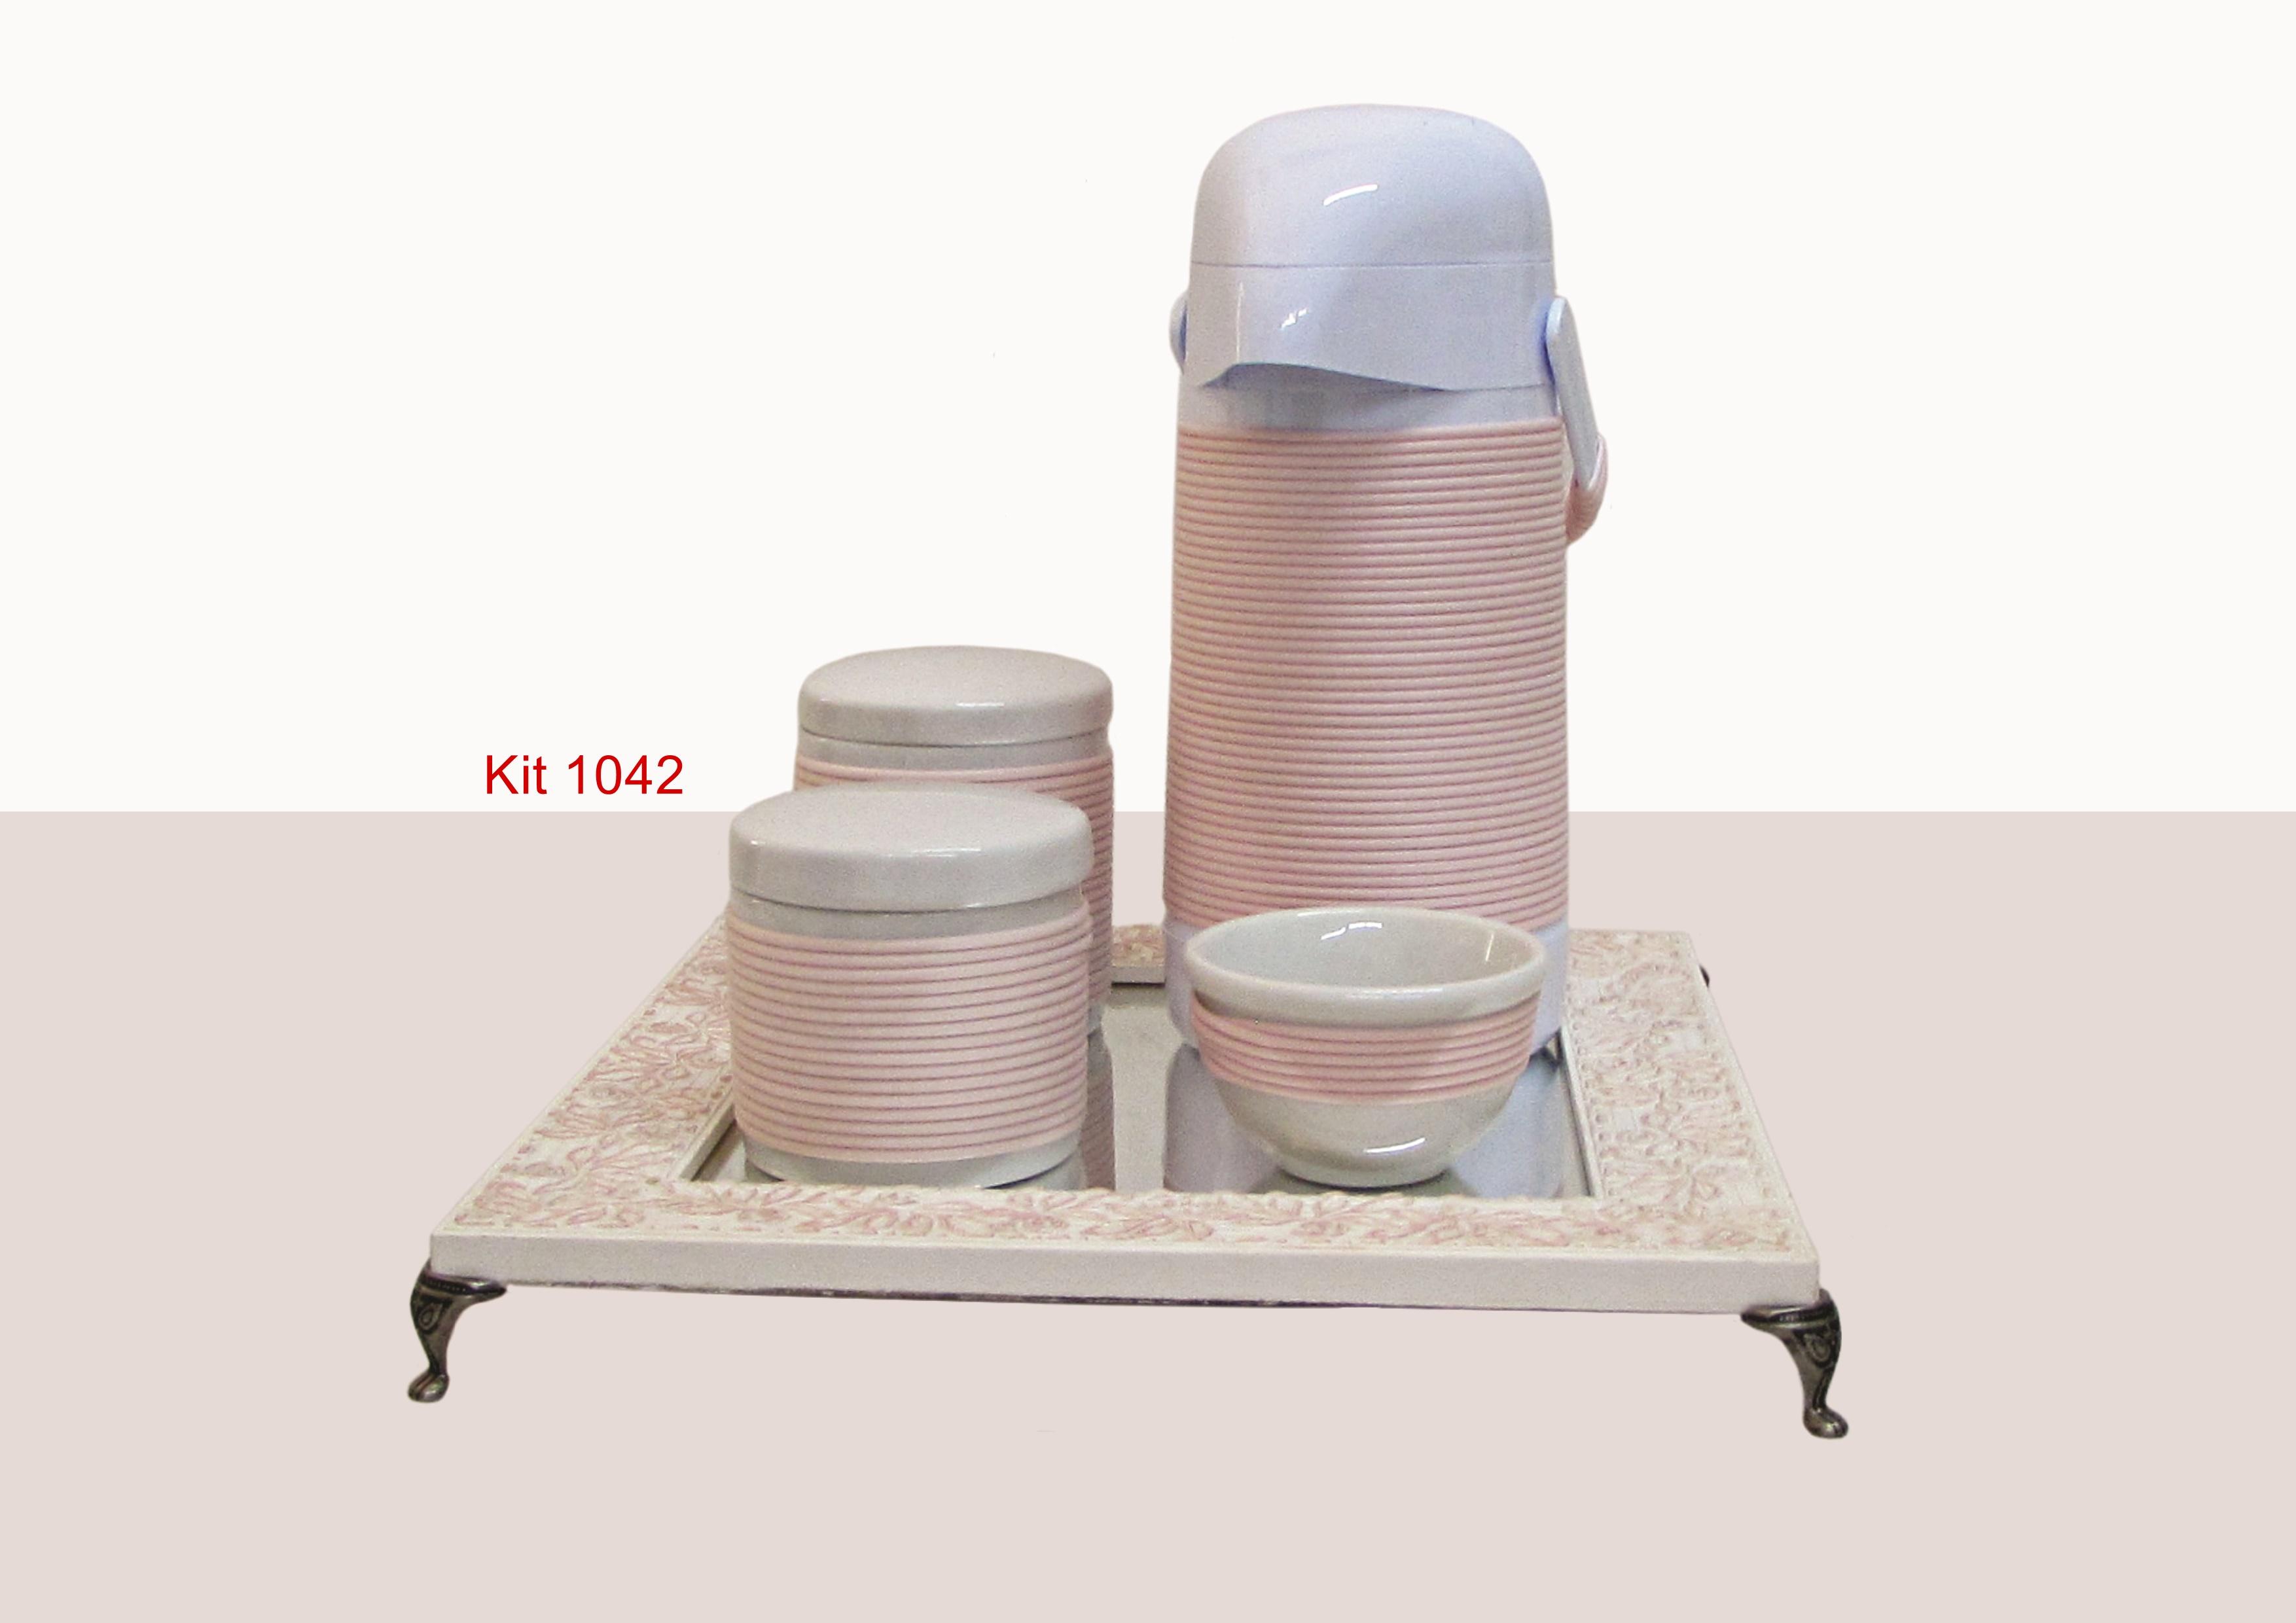 kit 1042